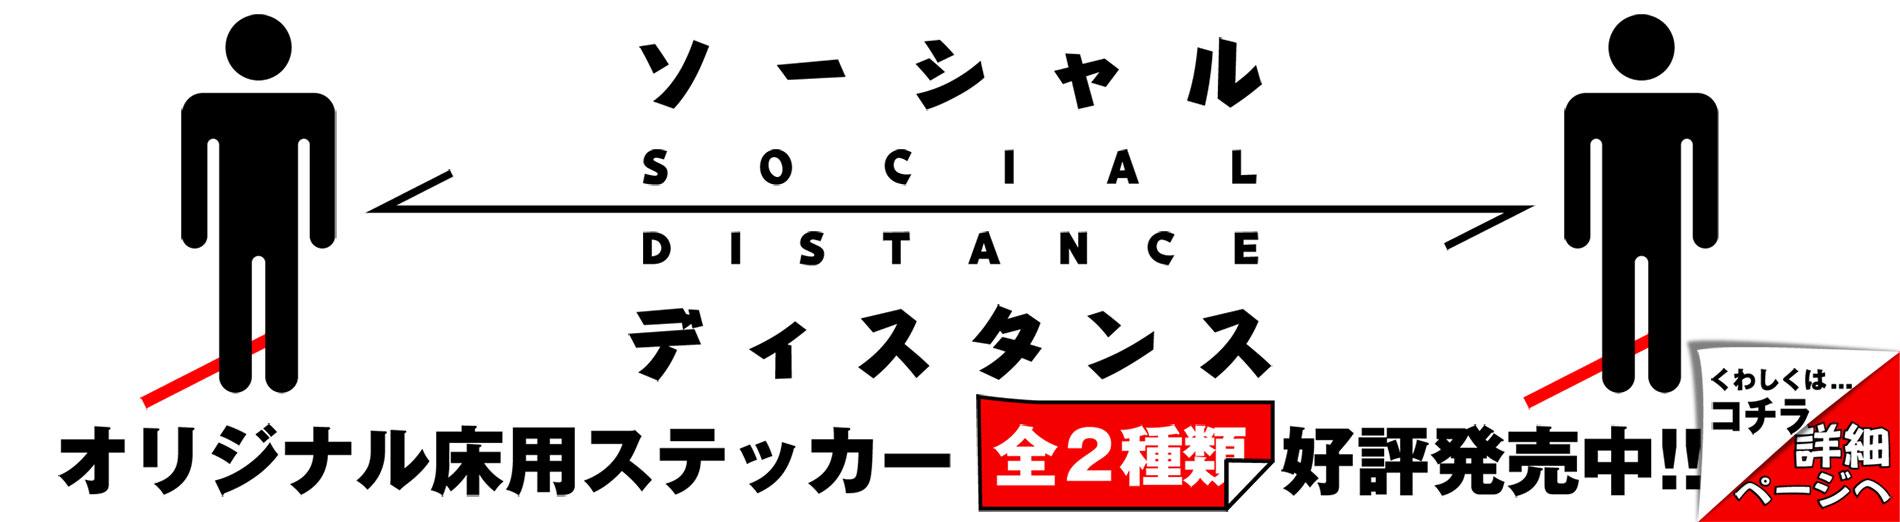 ソーシャルディスタンス オリジナル床用ステッカー好評発売中!